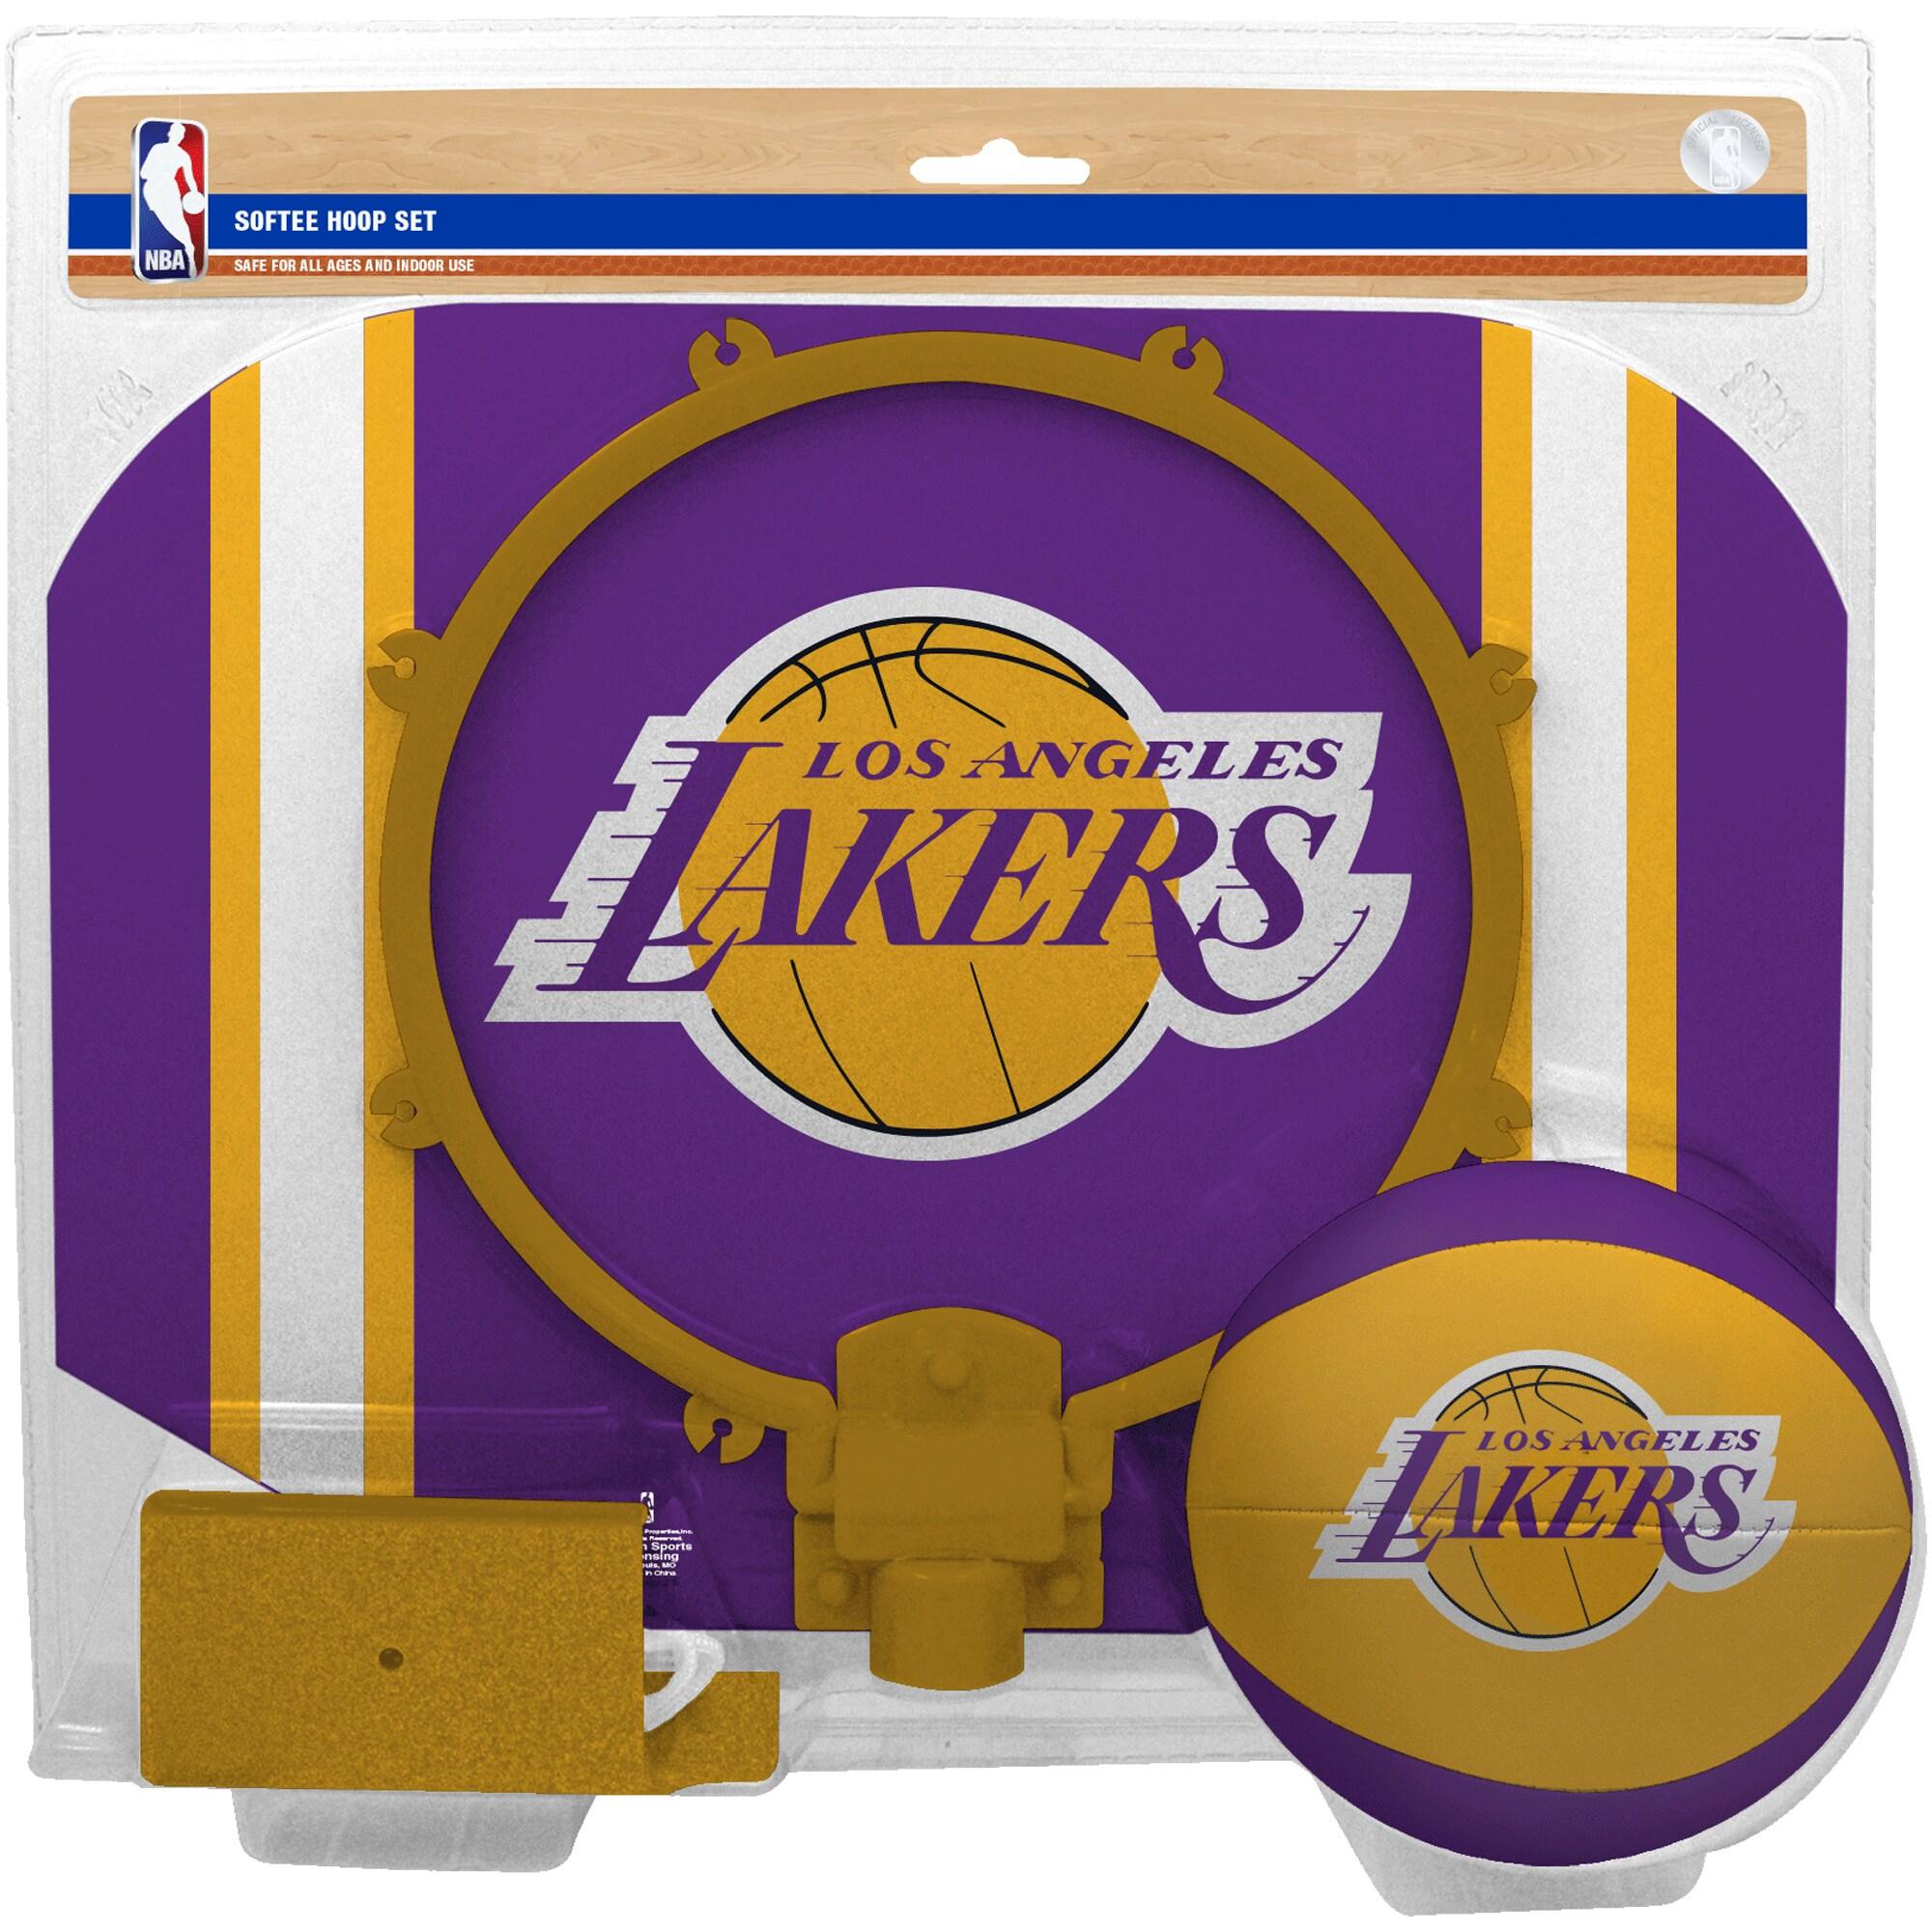 Los Angeles Lakers Rawlings Softee Hoop & Ball Set